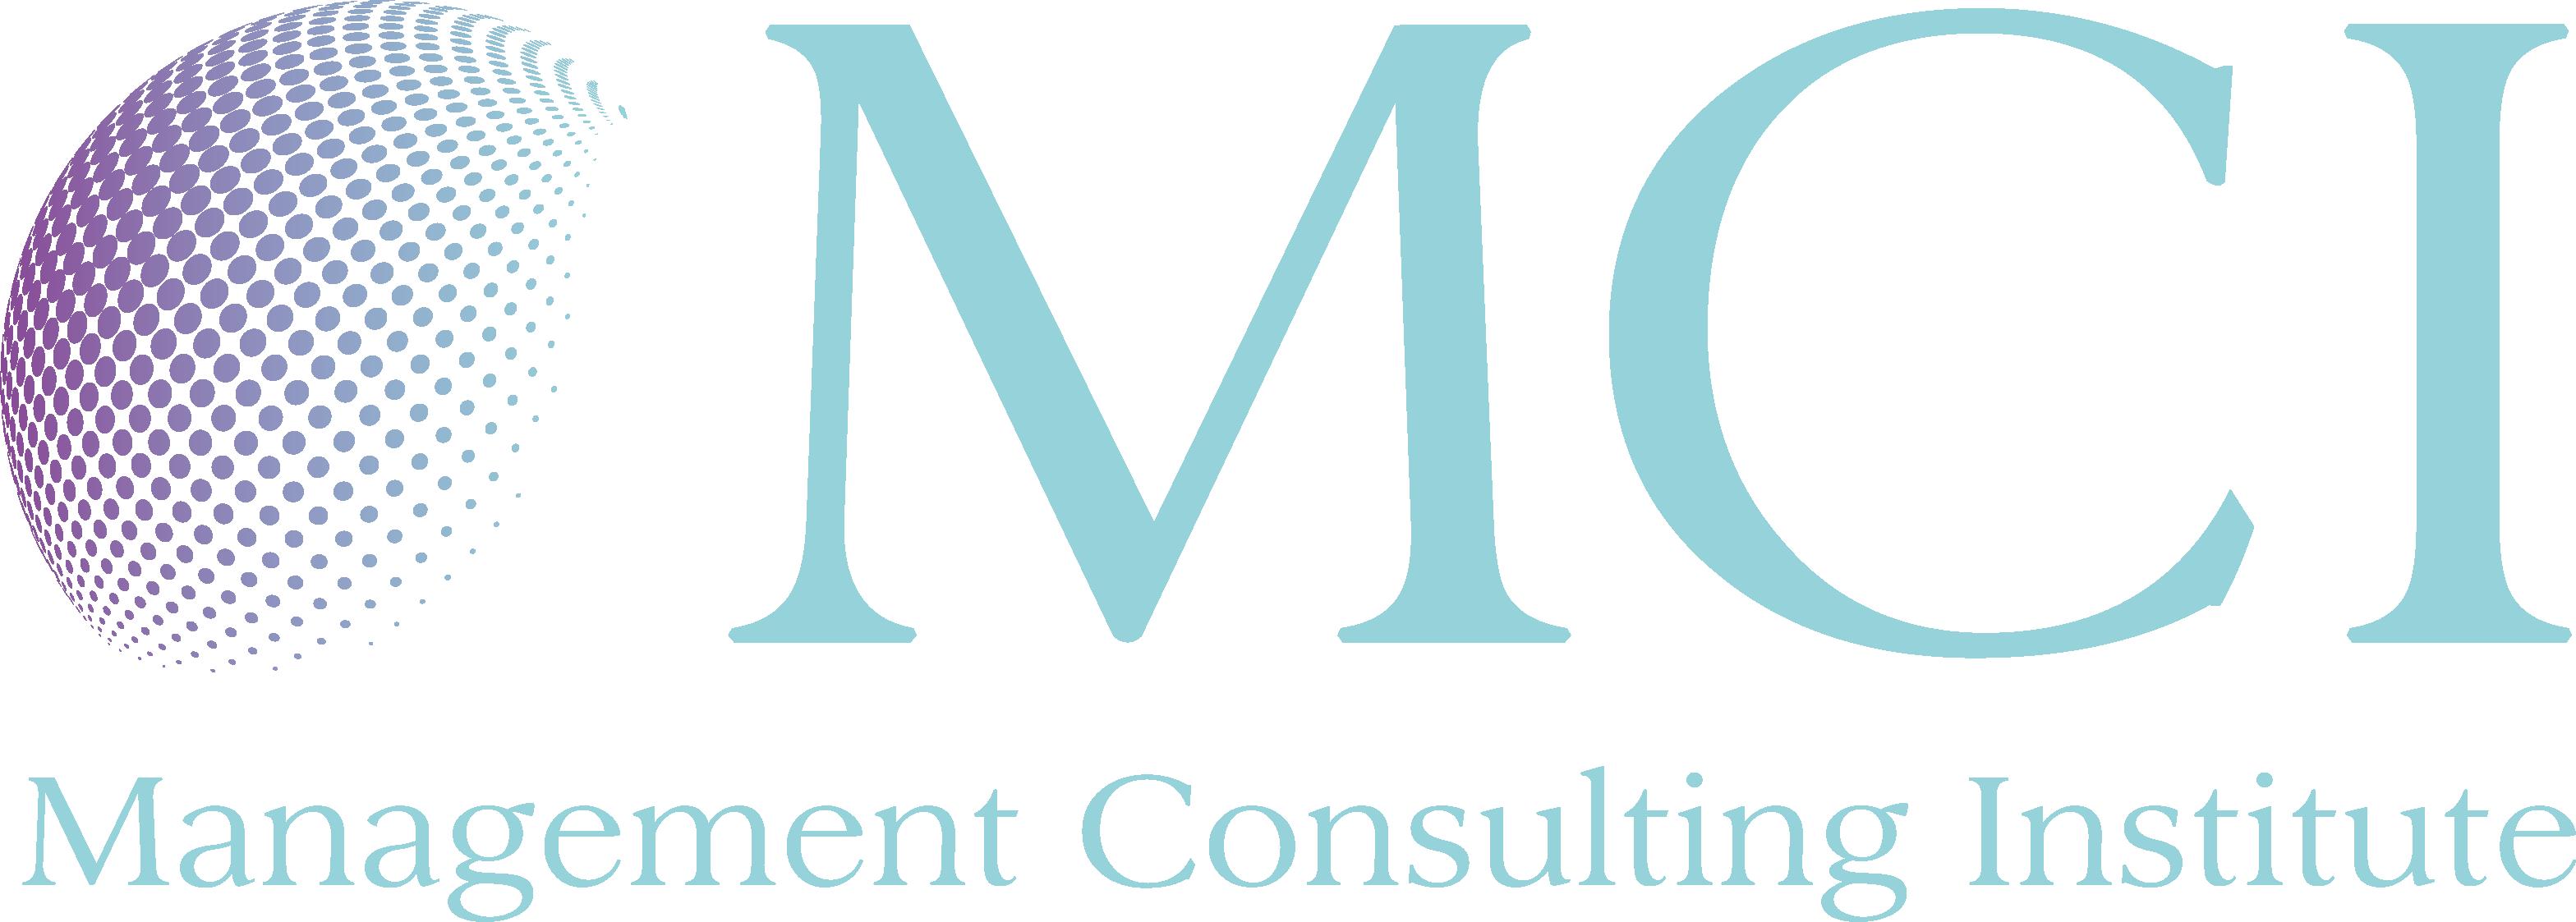 Management Consulting Institute